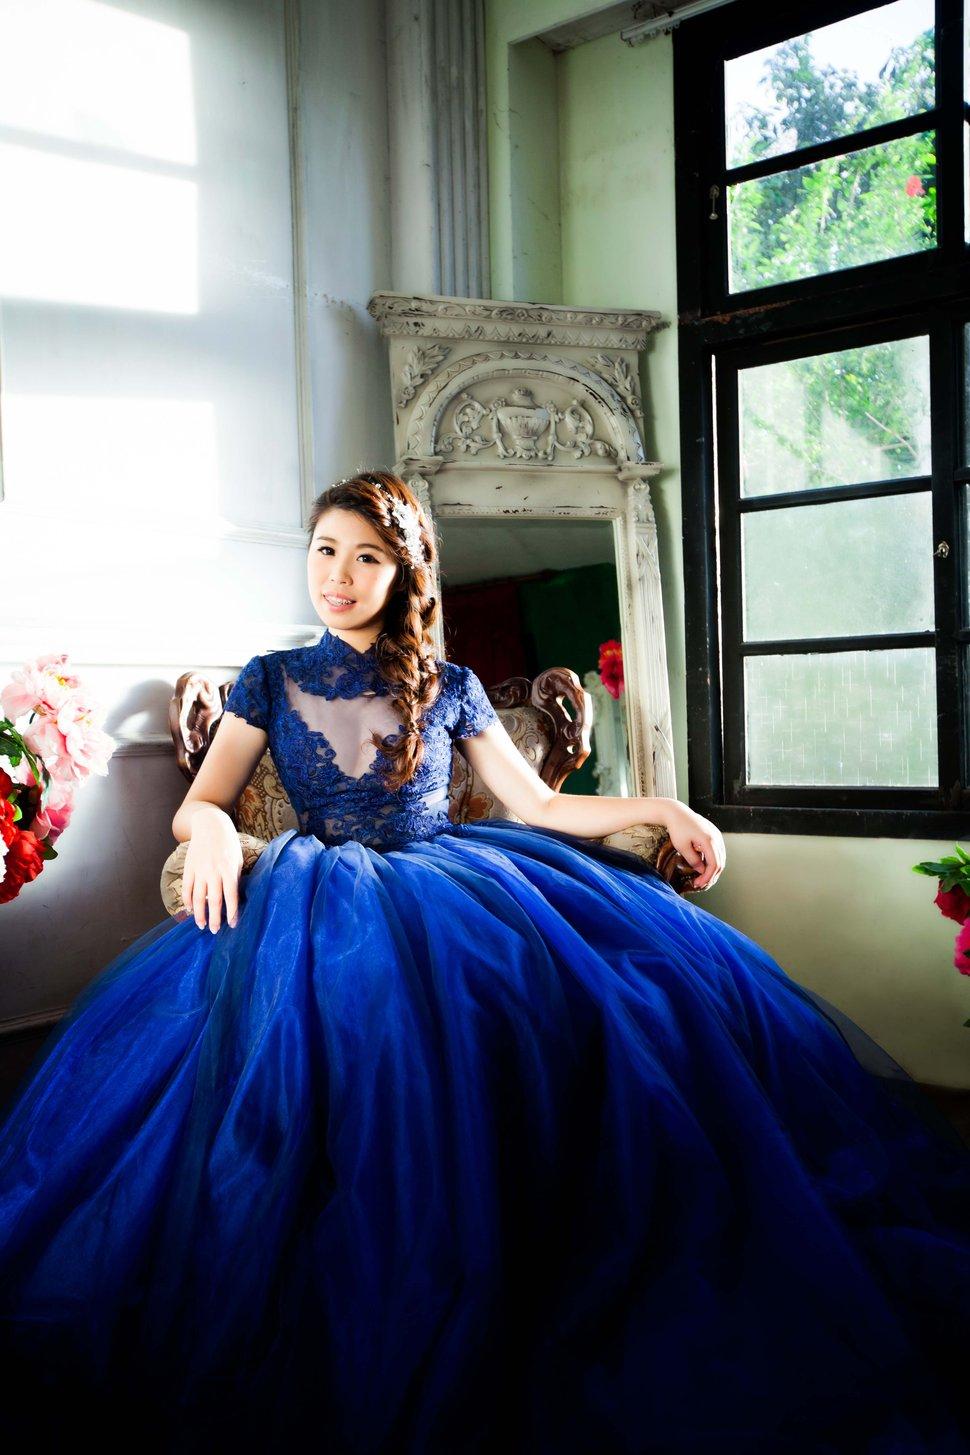 御霖&怡萱-春之嫁衣(編號:308452) - 春之嫁衣精緻婚紗 - 結婚吧一站式婚禮服務平台